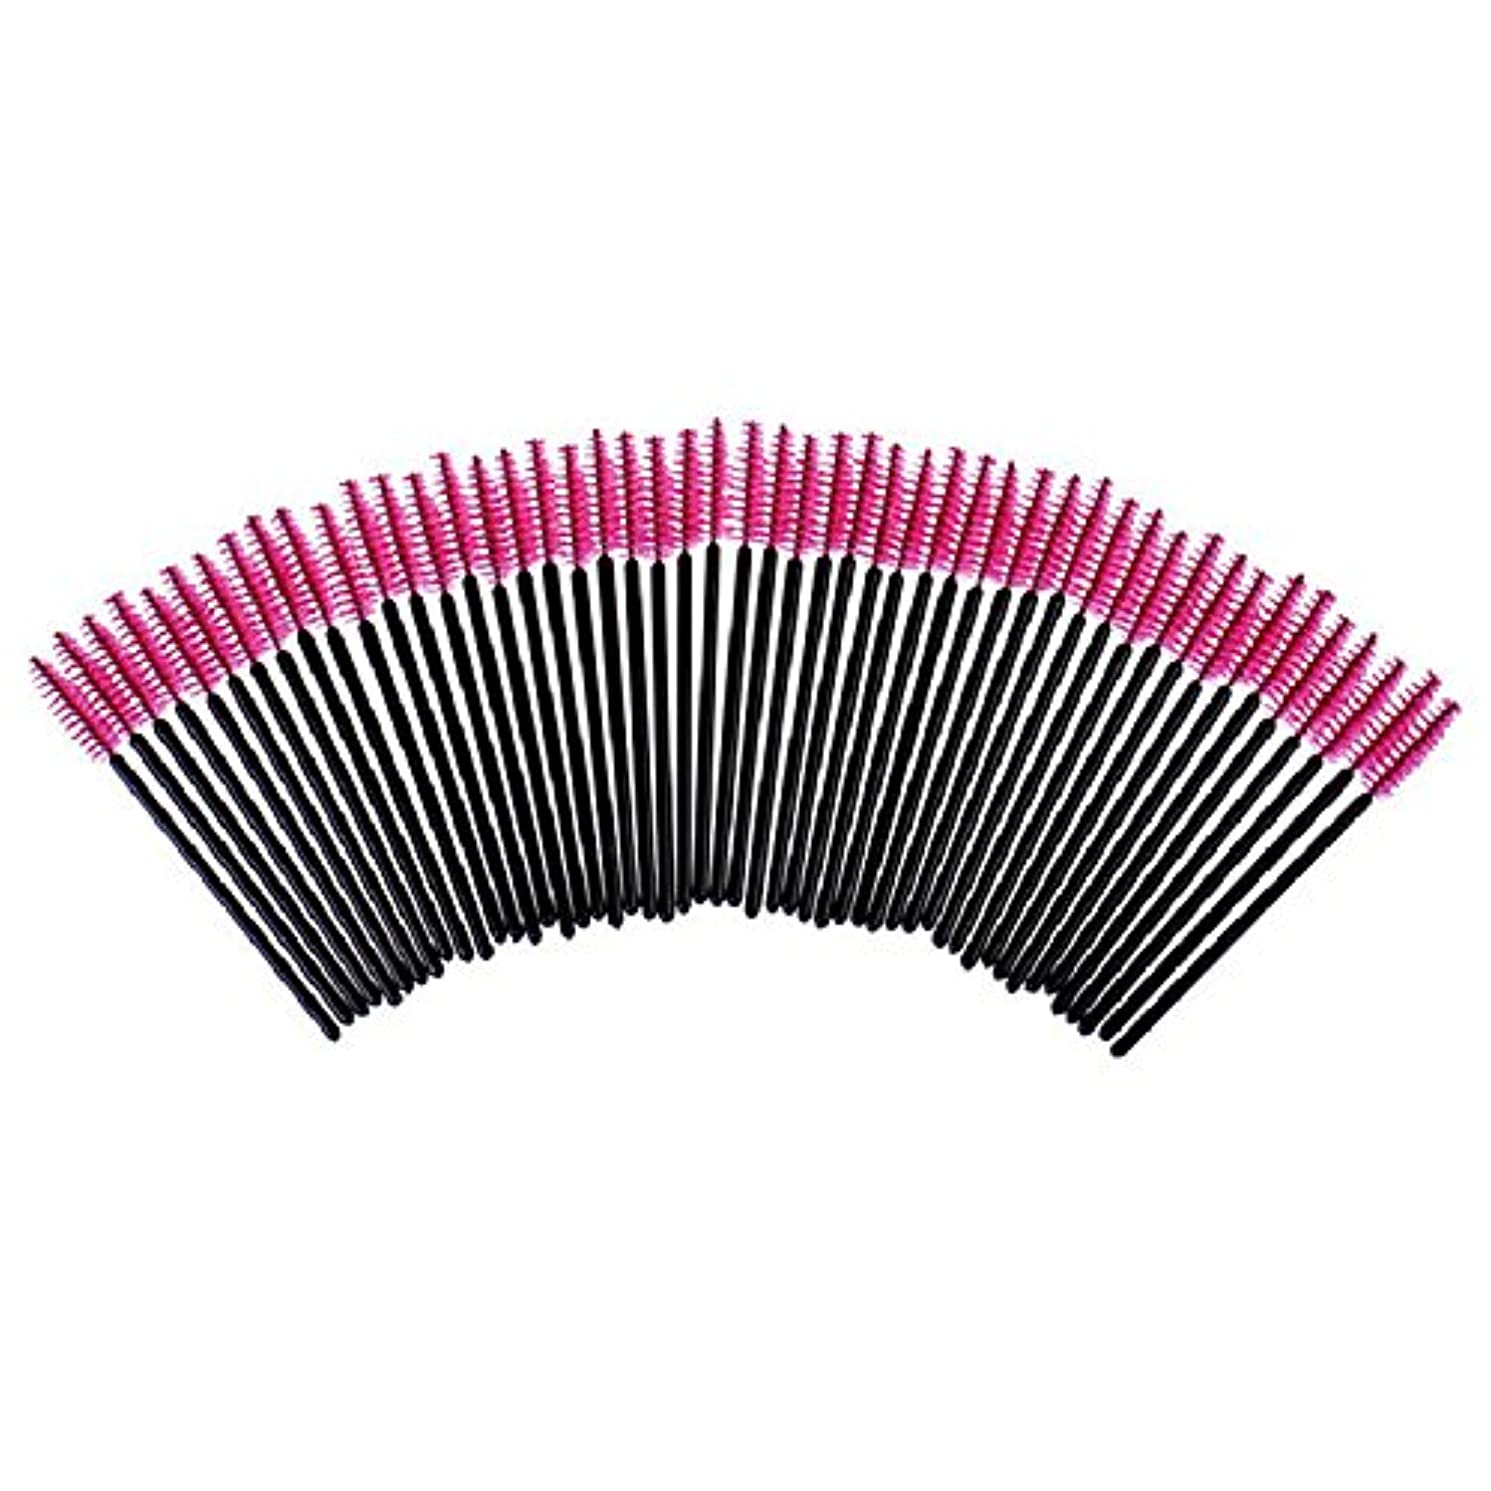 より良い狂ったアベニューRuier-tong アイラッシュスクリューブラシ まつげブラシ 使い捨て マスカラブラシ アイブロウブラシ スクリューコーム 睫毛ブラシ 眉毛ブラシ メイクアップブラシセット まつ毛エクステ専用 使いやすい 化粧用品 高級繊維 100本 全4色(ローズレッド)